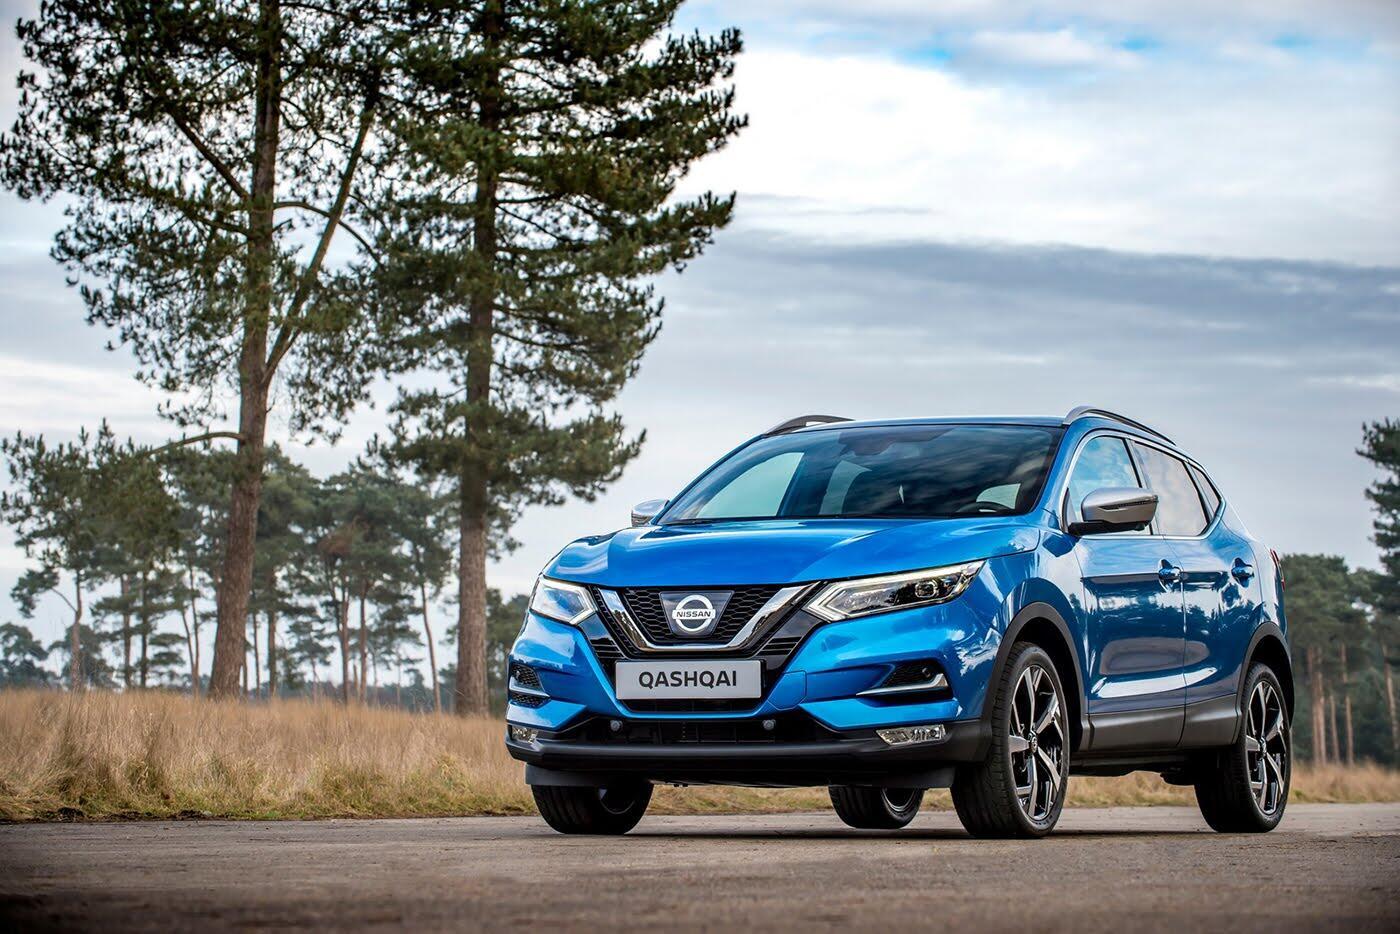 """Nissan Qashqai 2017 chính thức """"mở bán"""", giá hơn 25.000 USD - Hình 2"""